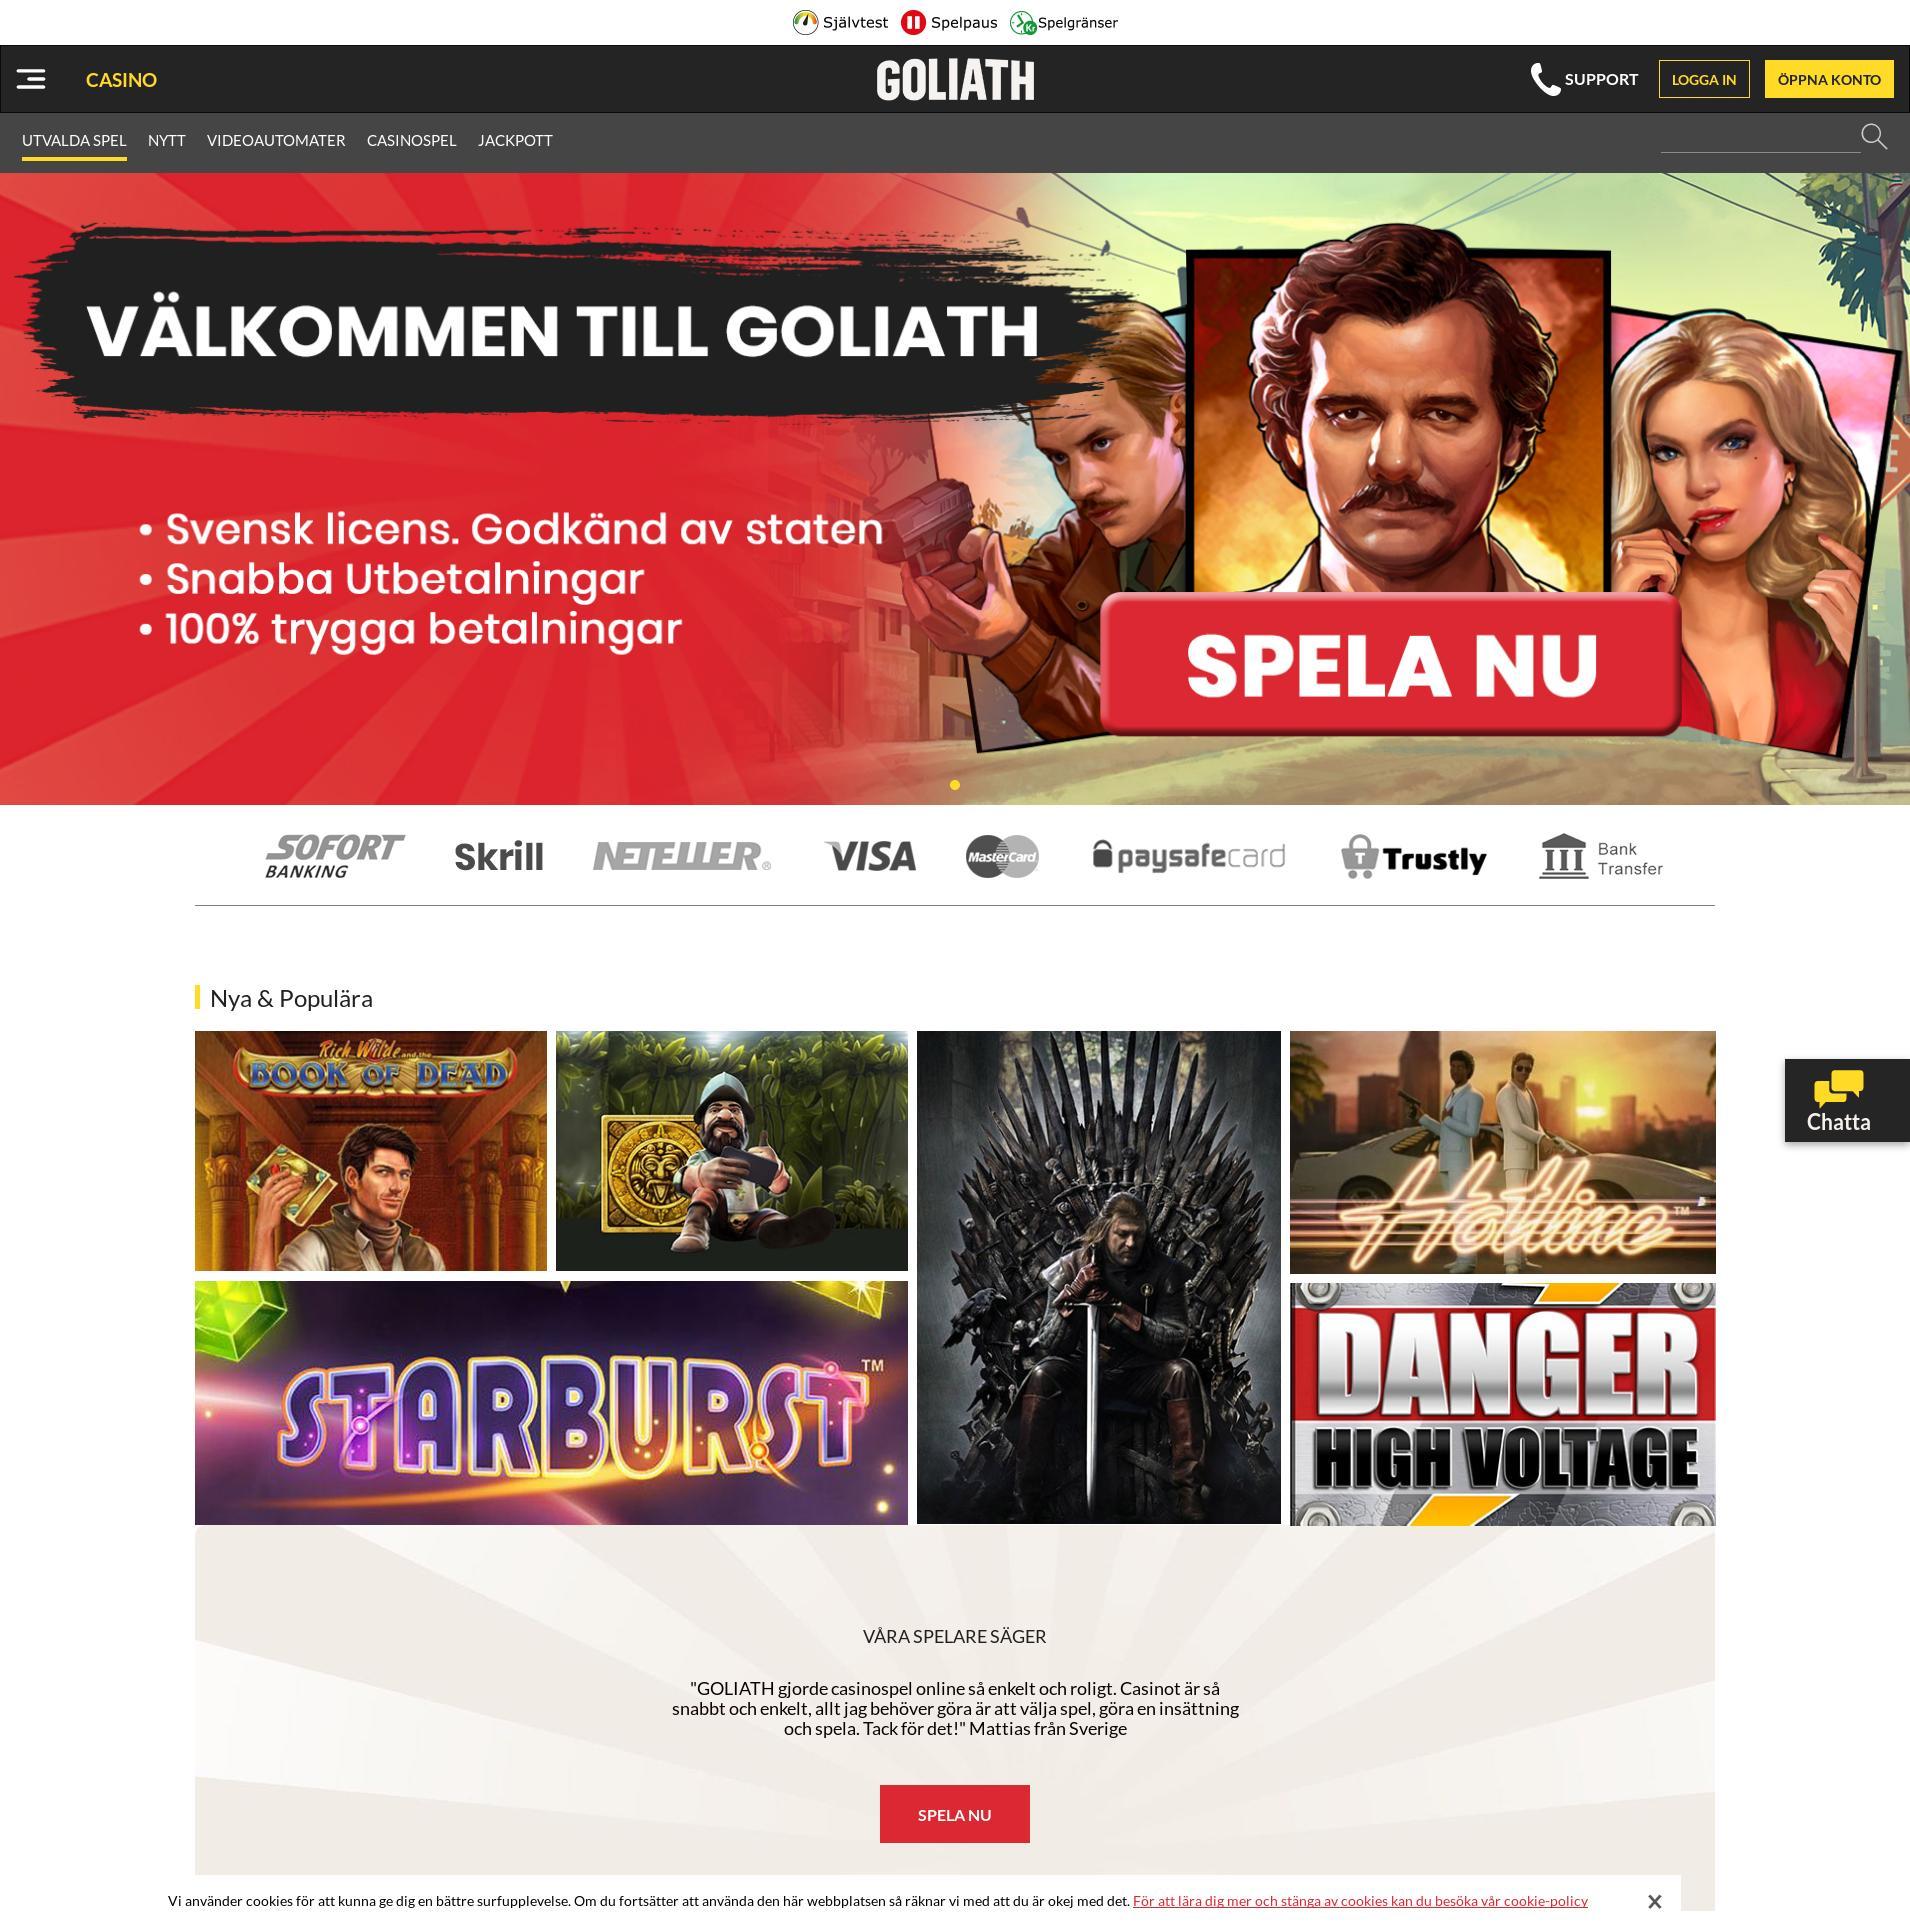 Casino skärm Lobby 2019-08-18 för Sverige